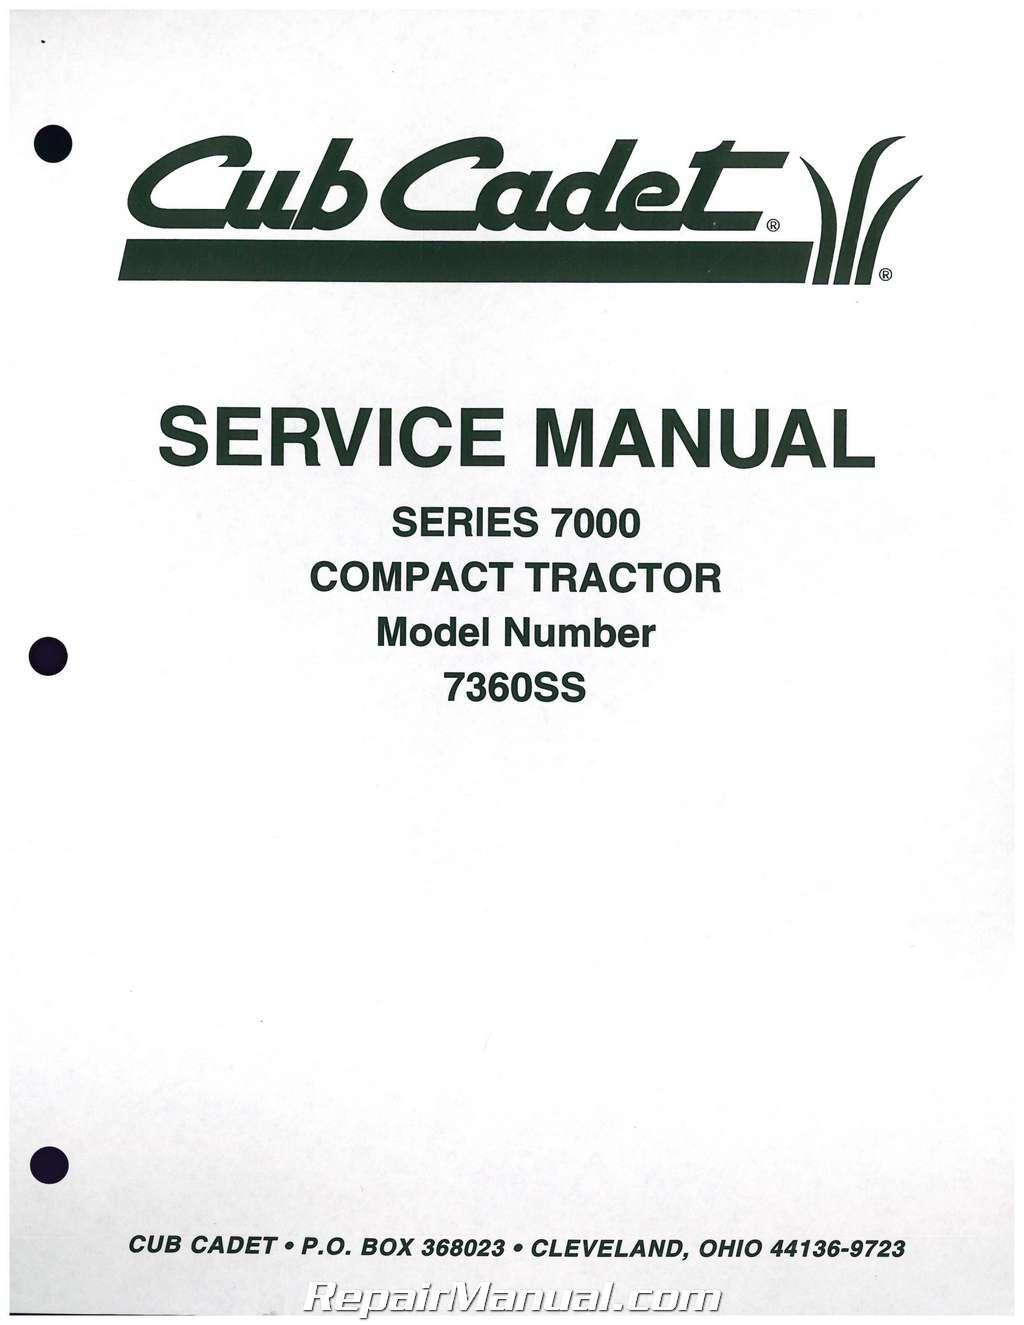 cub cadet series wiring diagram cub cadet  cub cadet 7000 series compact tractor service manual form 772 4207